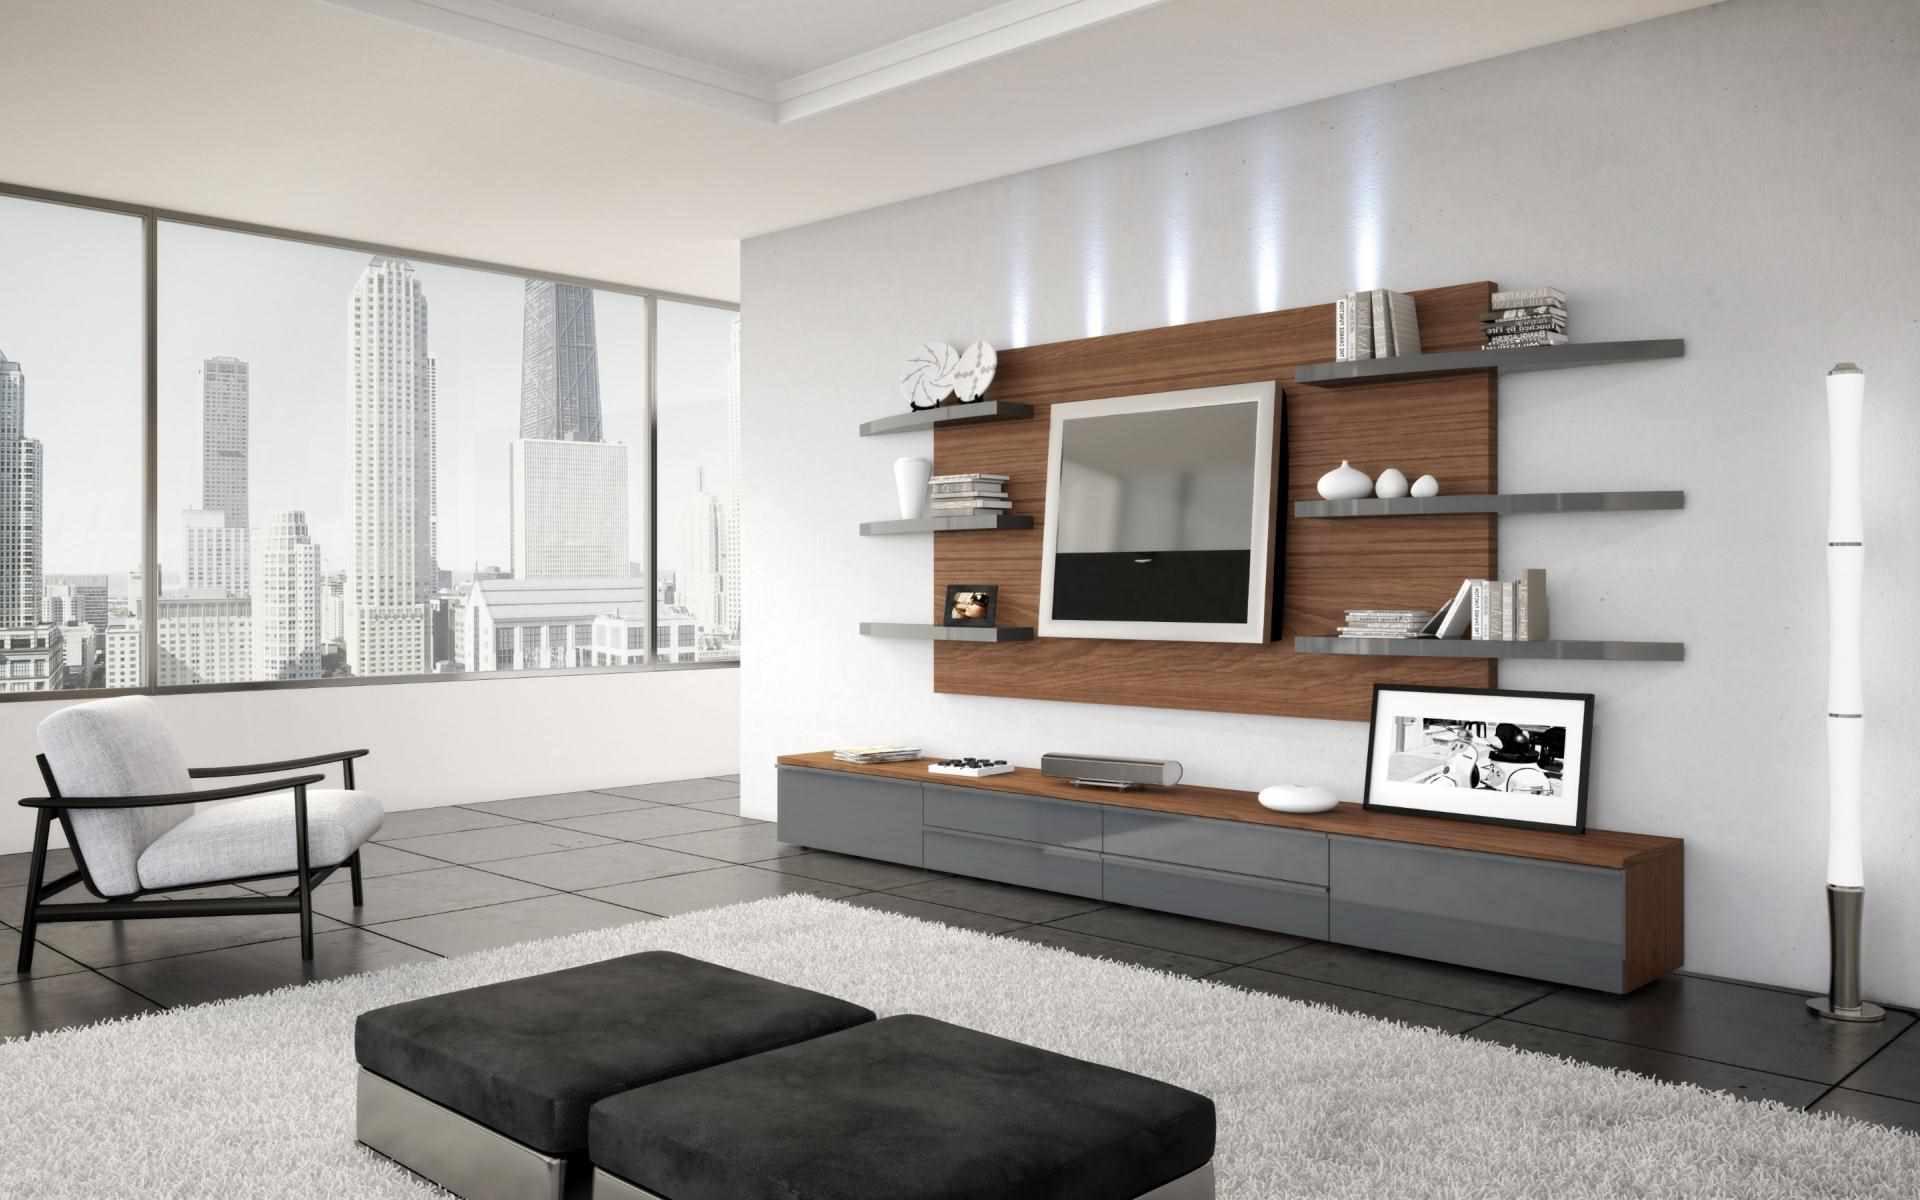 идея яркого дизайна обоев для гостиной